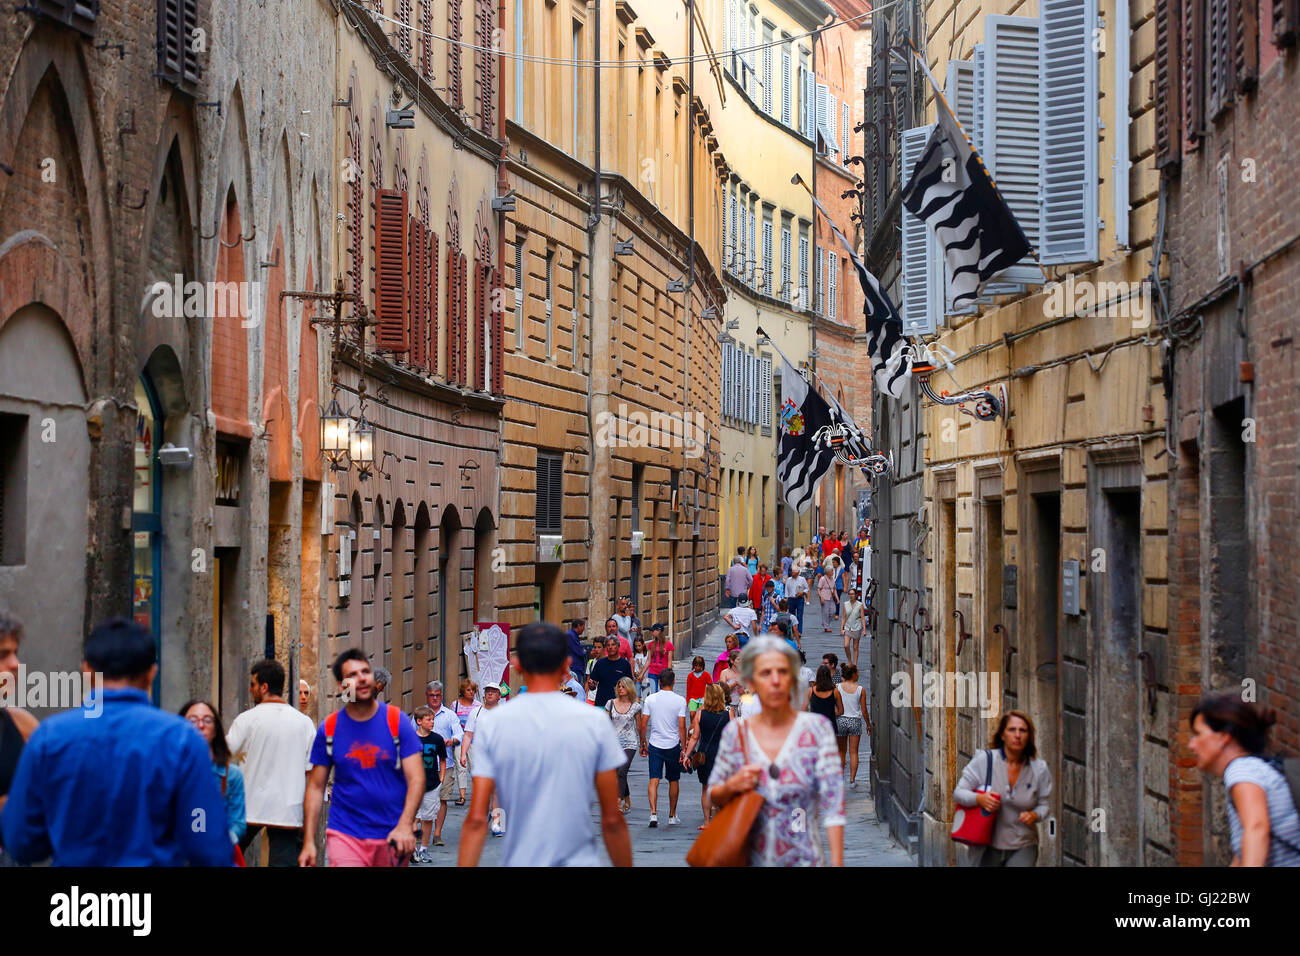 Los peatones caminar a lo largo de Via Montanini en Siena, Italia. Imagen De Stock